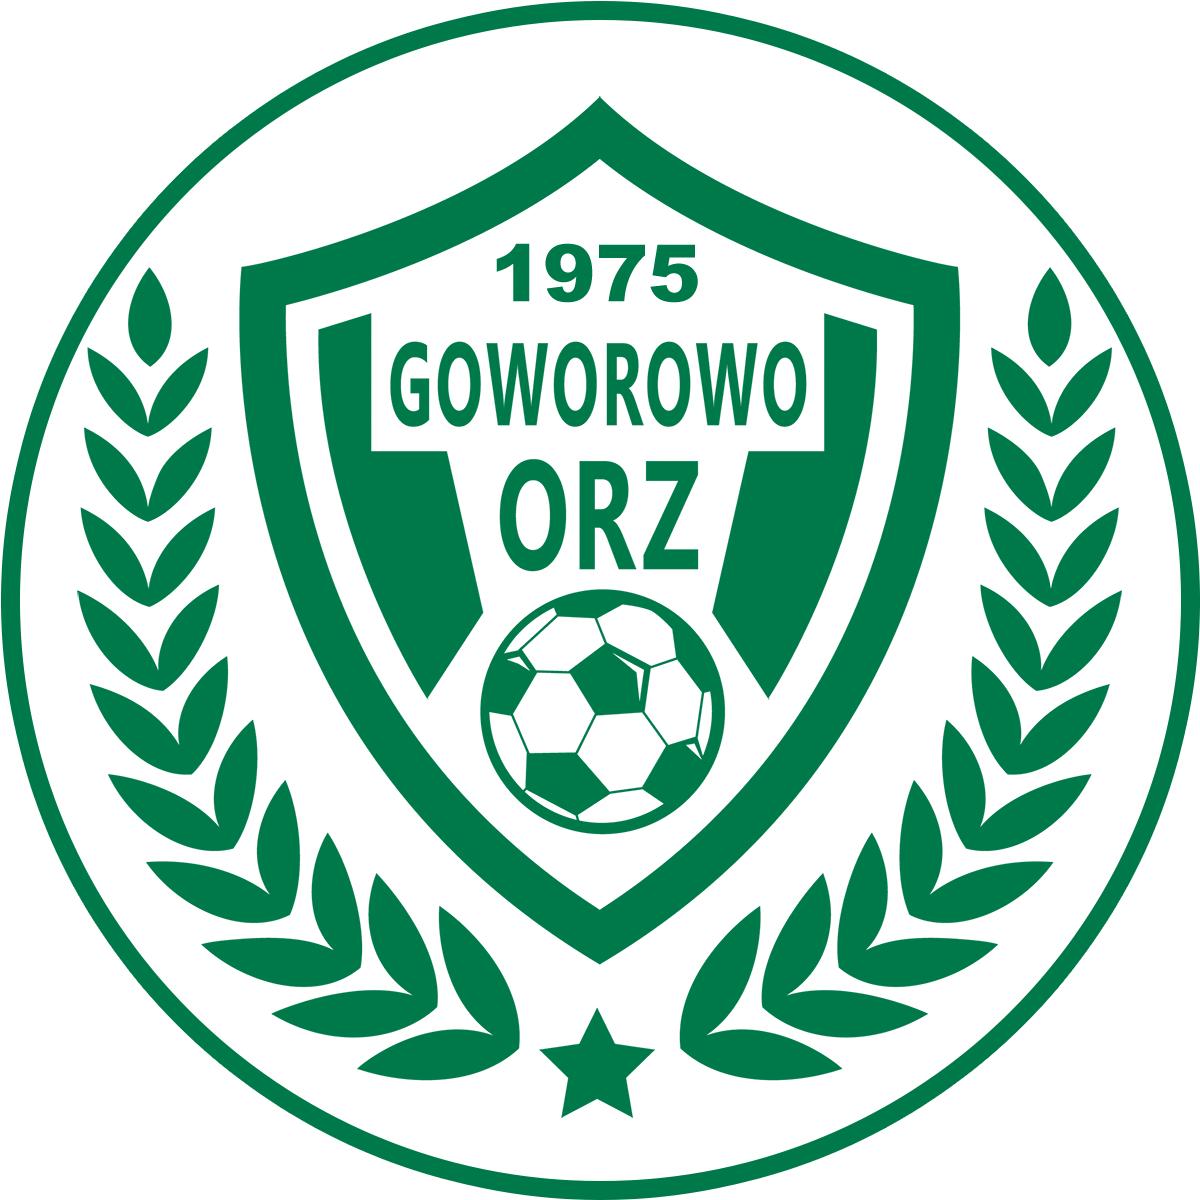 Klub Sportowy Orz Goworowo